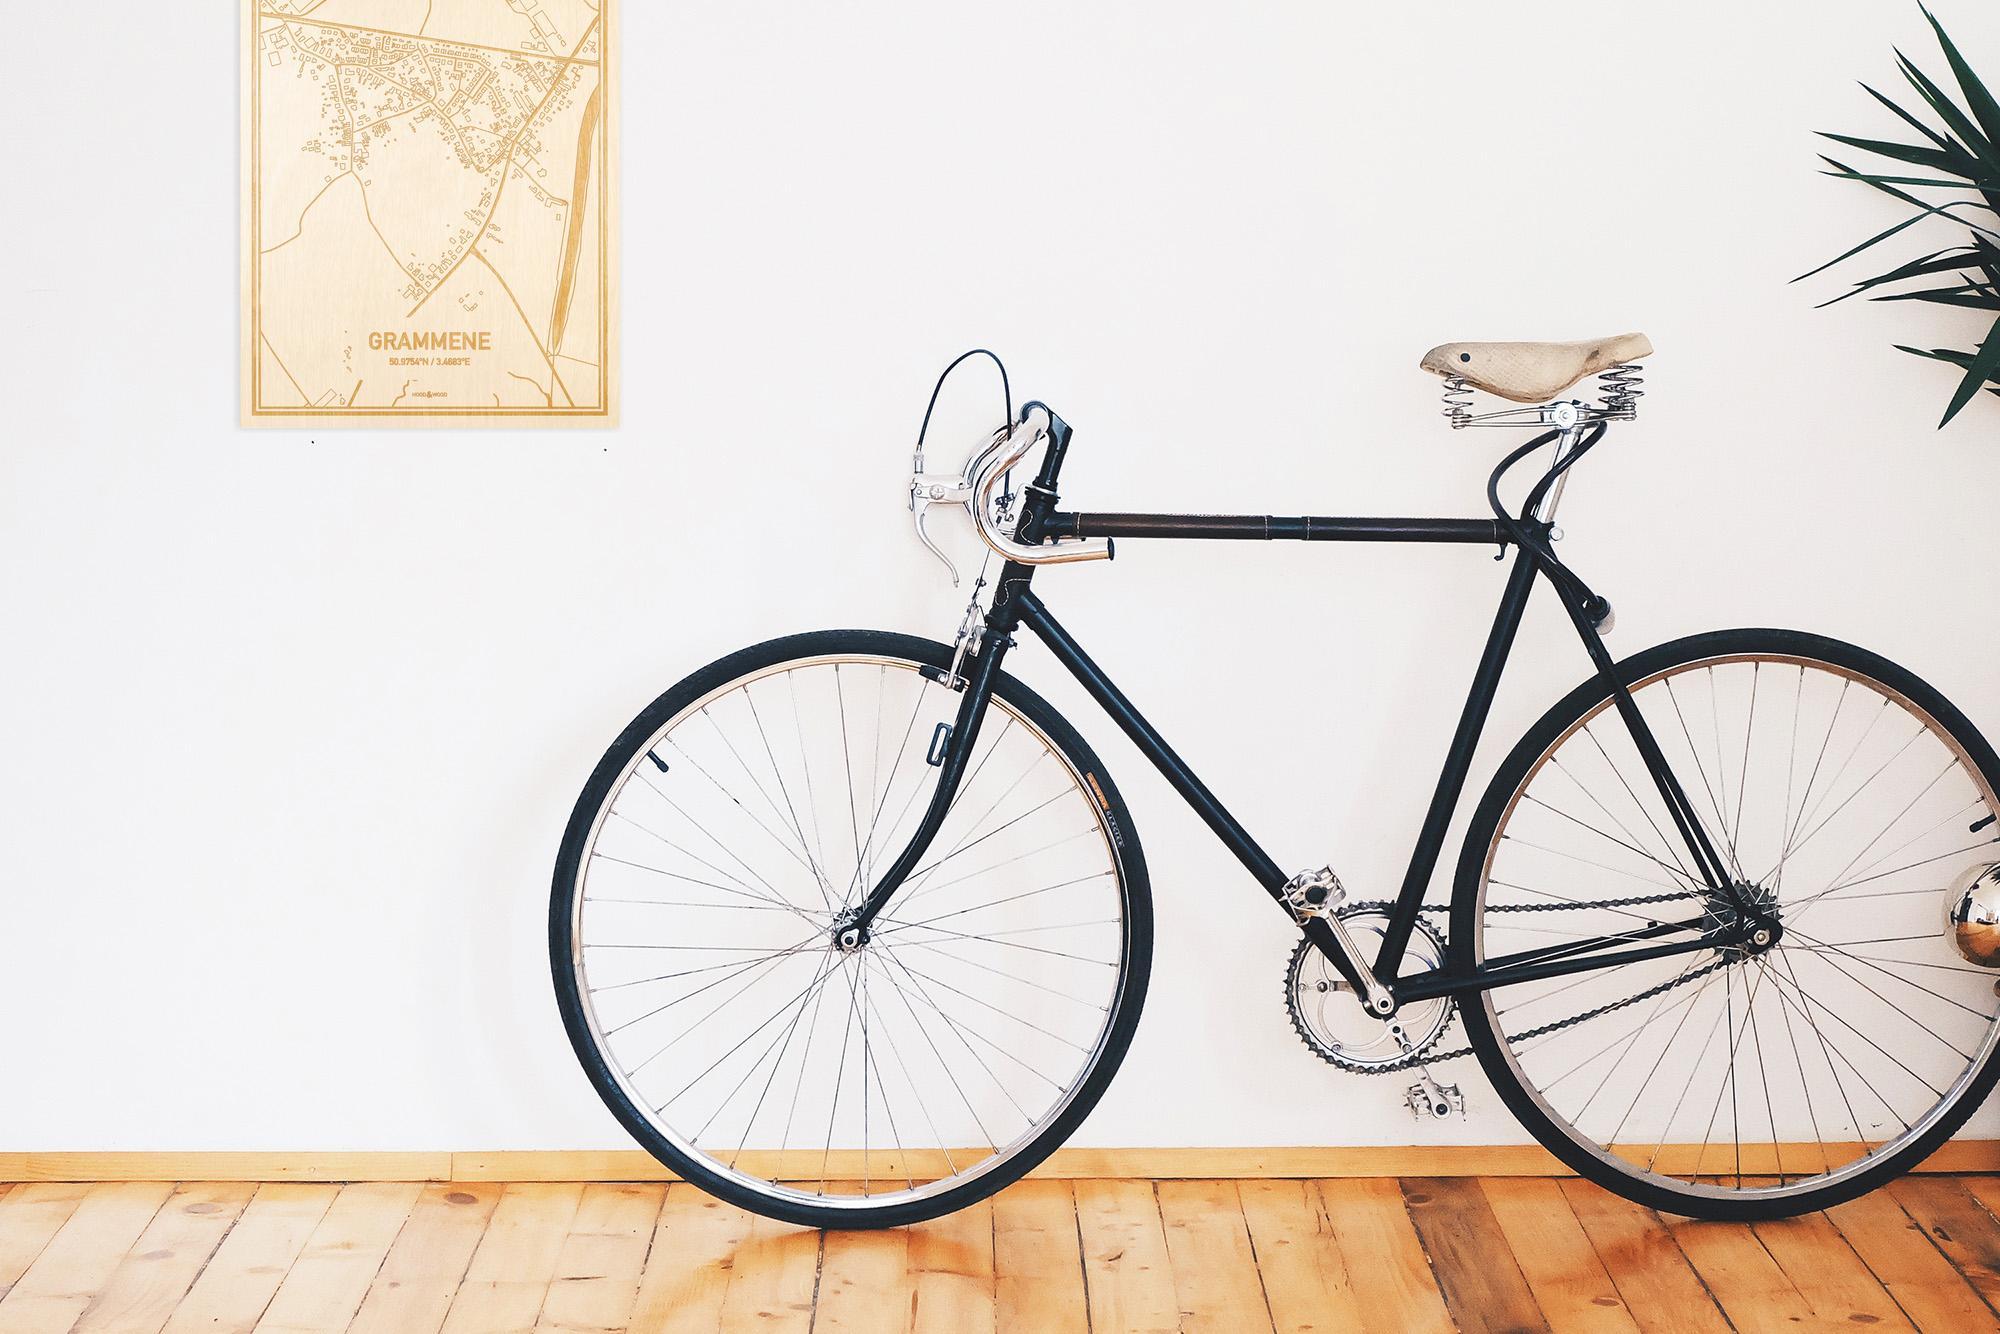 Een snelle fiets in een uniek interieur in Oost-Vlaanderen  met mooie decoratie zoals de plattegrond Grammene.